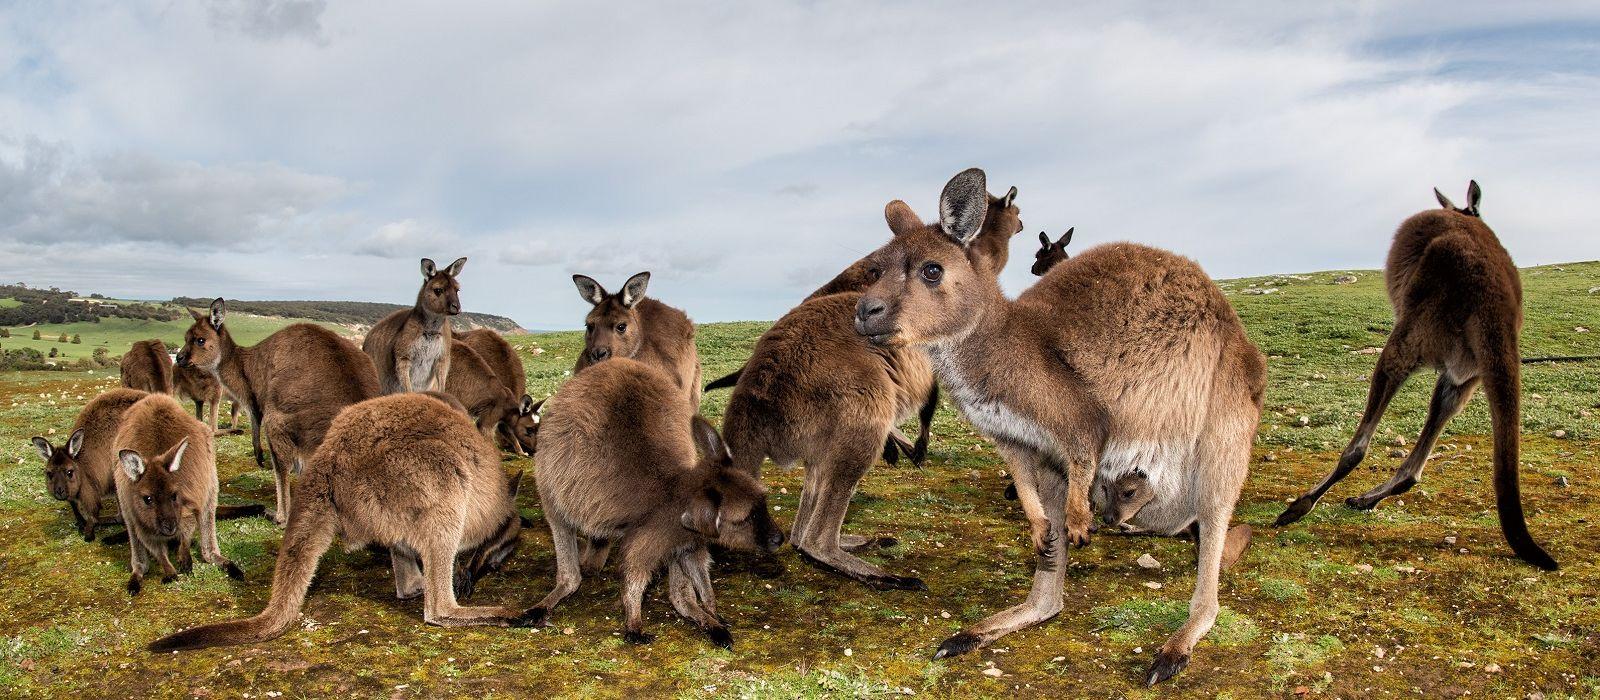 Australien Luxusreise: Natur, Kultur & paradiesische Inseln Urlaub 1